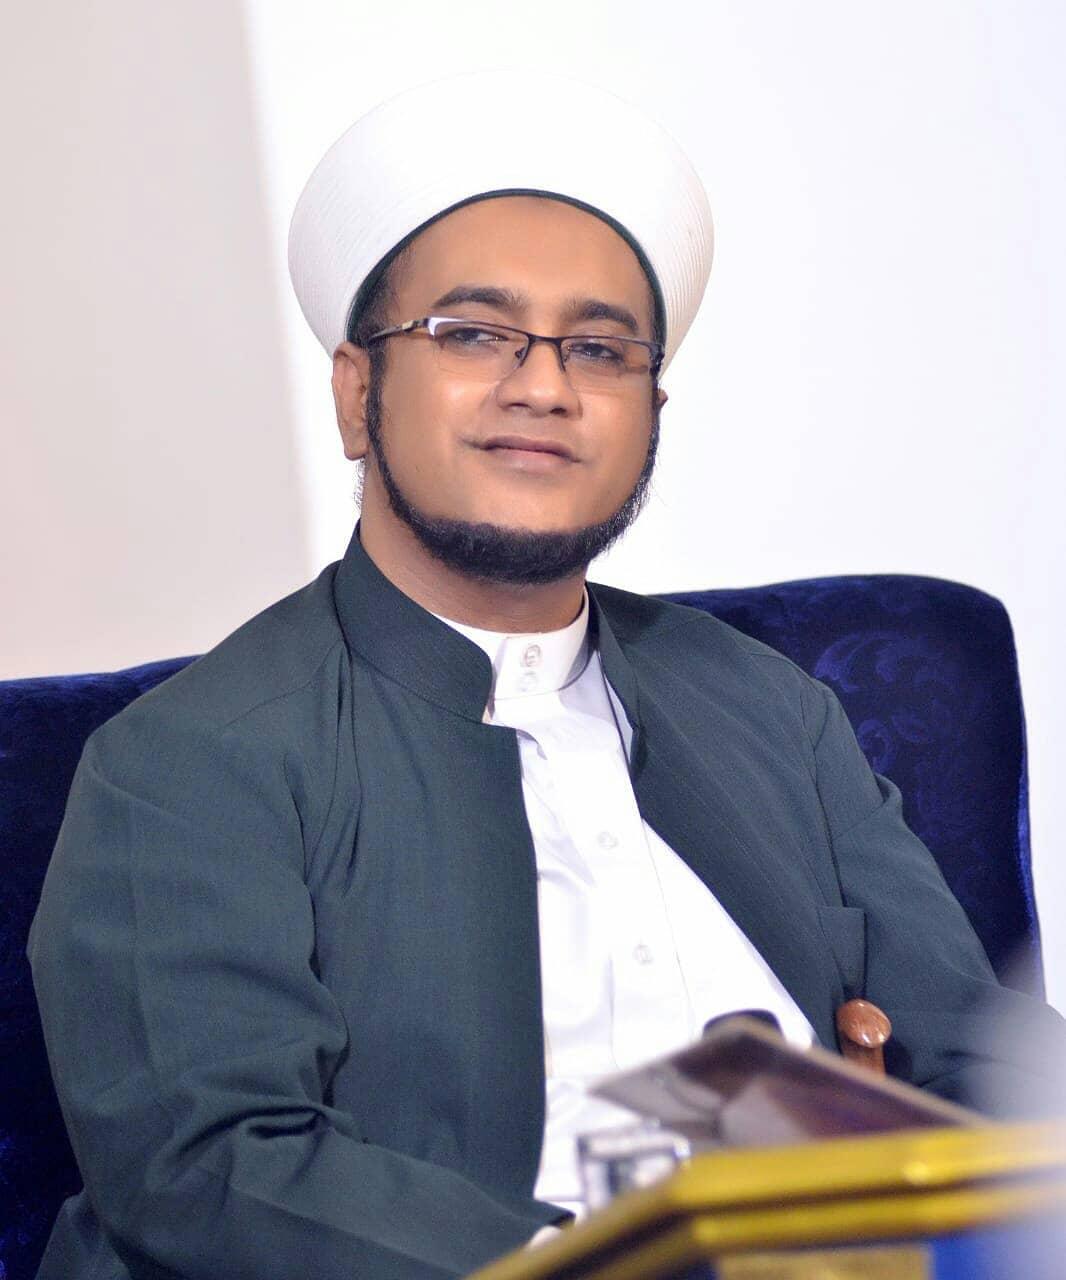 Download Wallpaper Habib Hasan 2702213